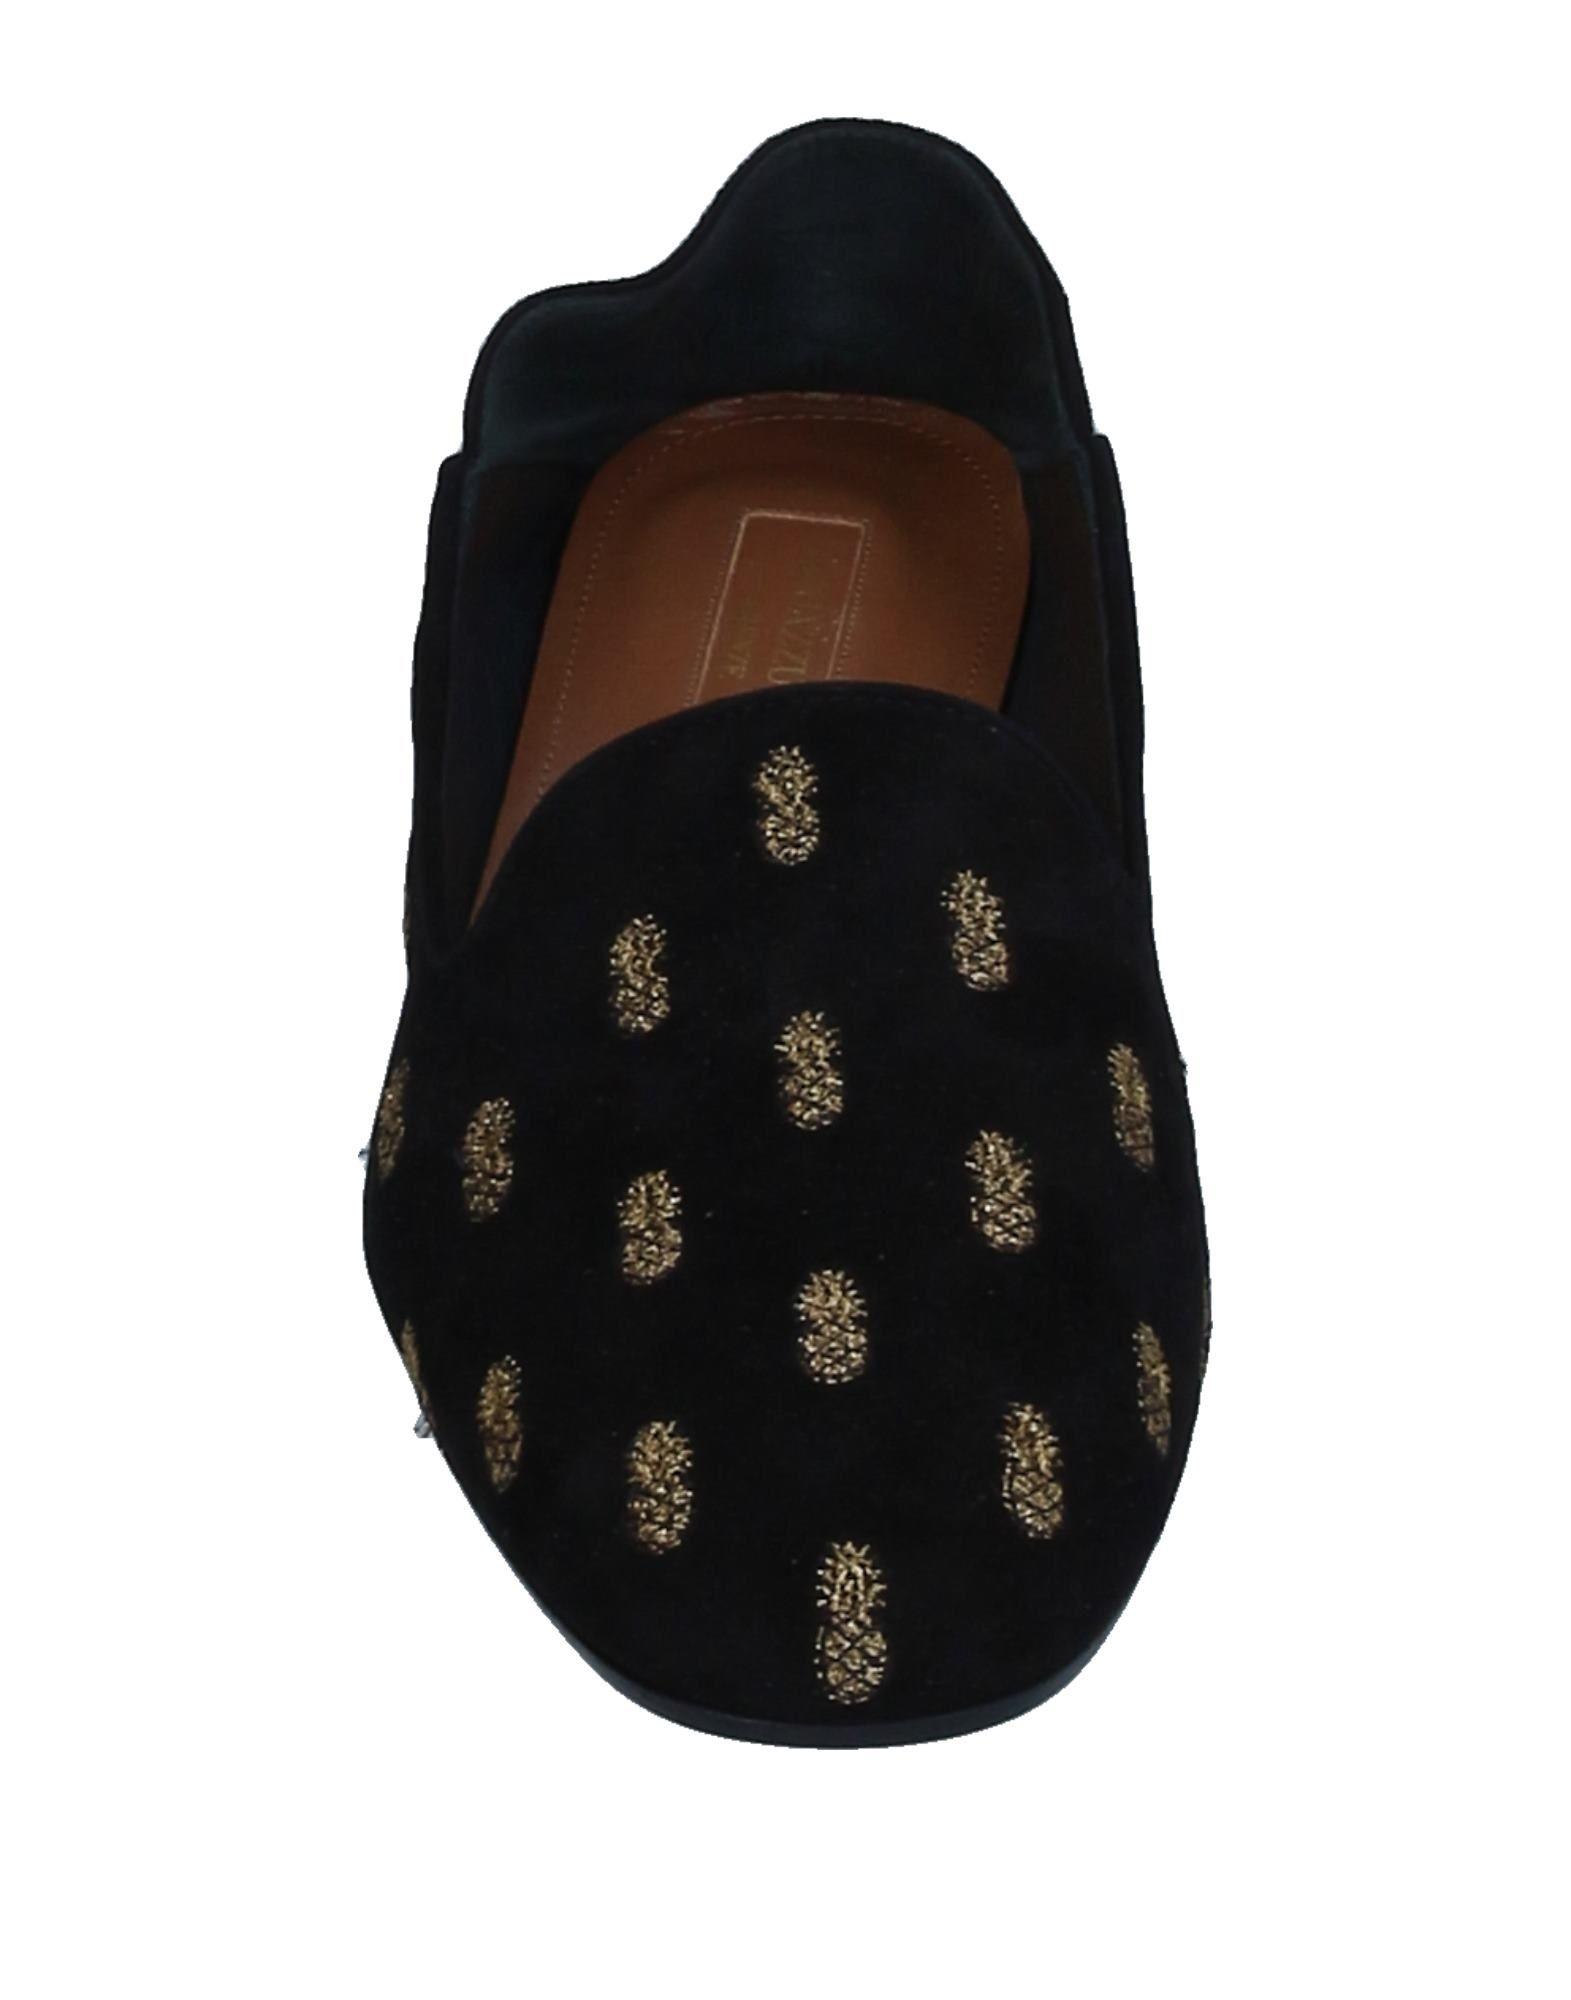 Aquazzura Schuhe Mokassins Damen  11340380UJ Heiße Schuhe Aquazzura 281292